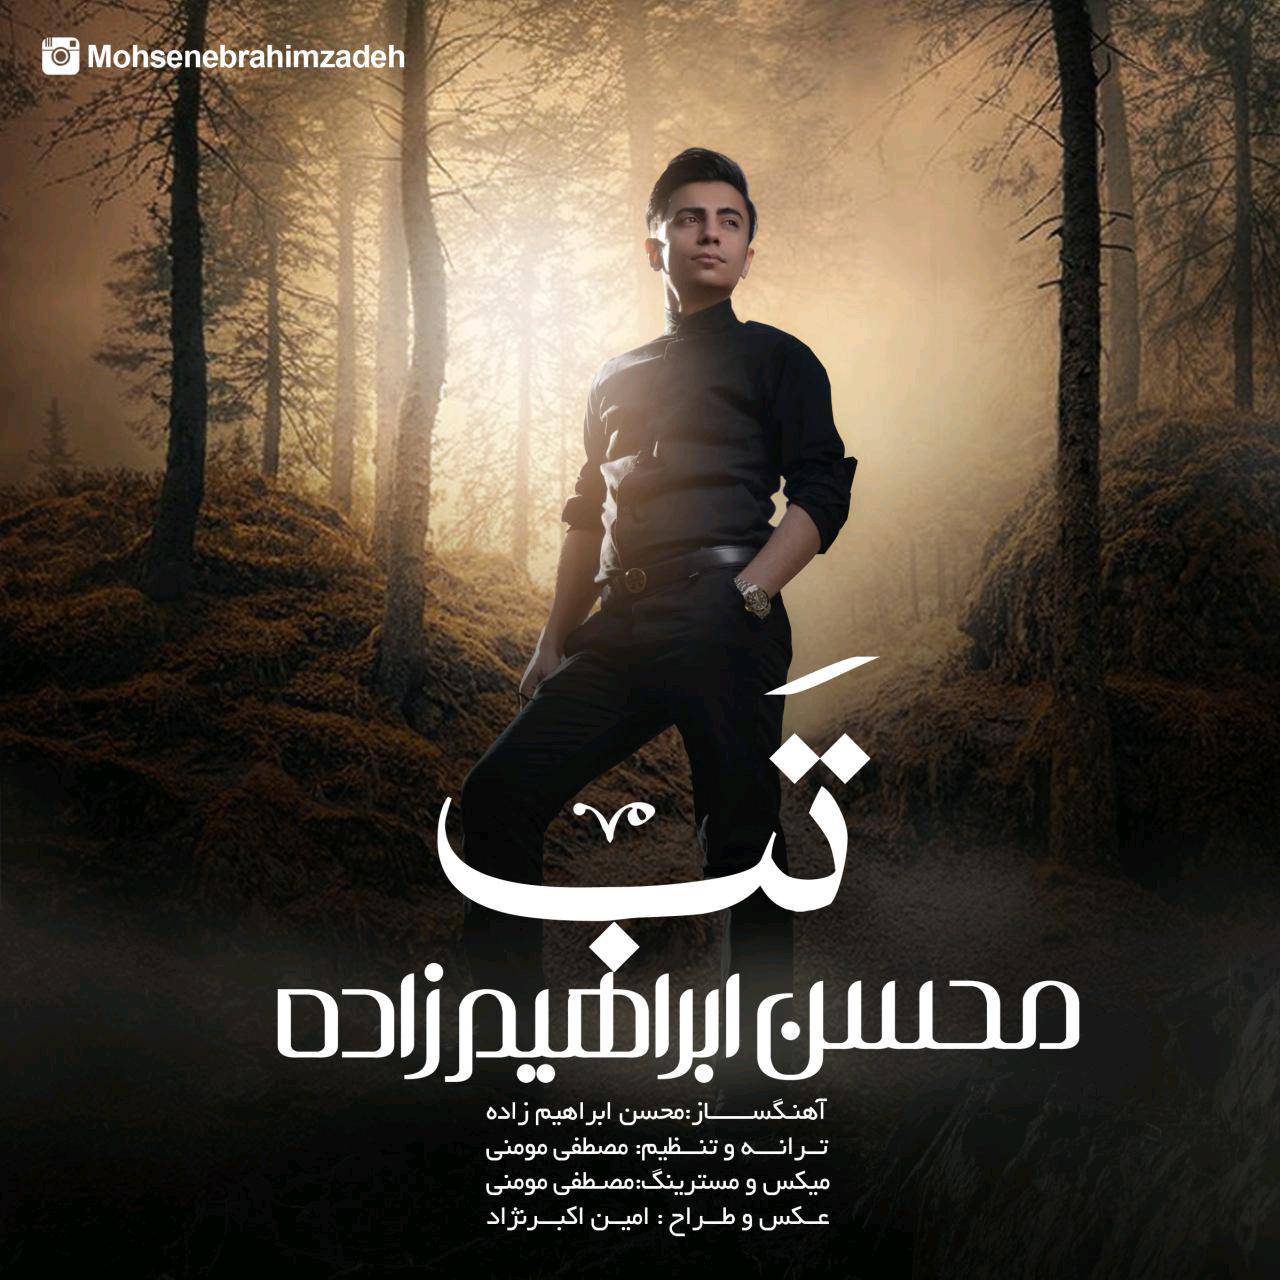 دانلود موزیک جدید محسن ابراهیم زاده به اسم تب